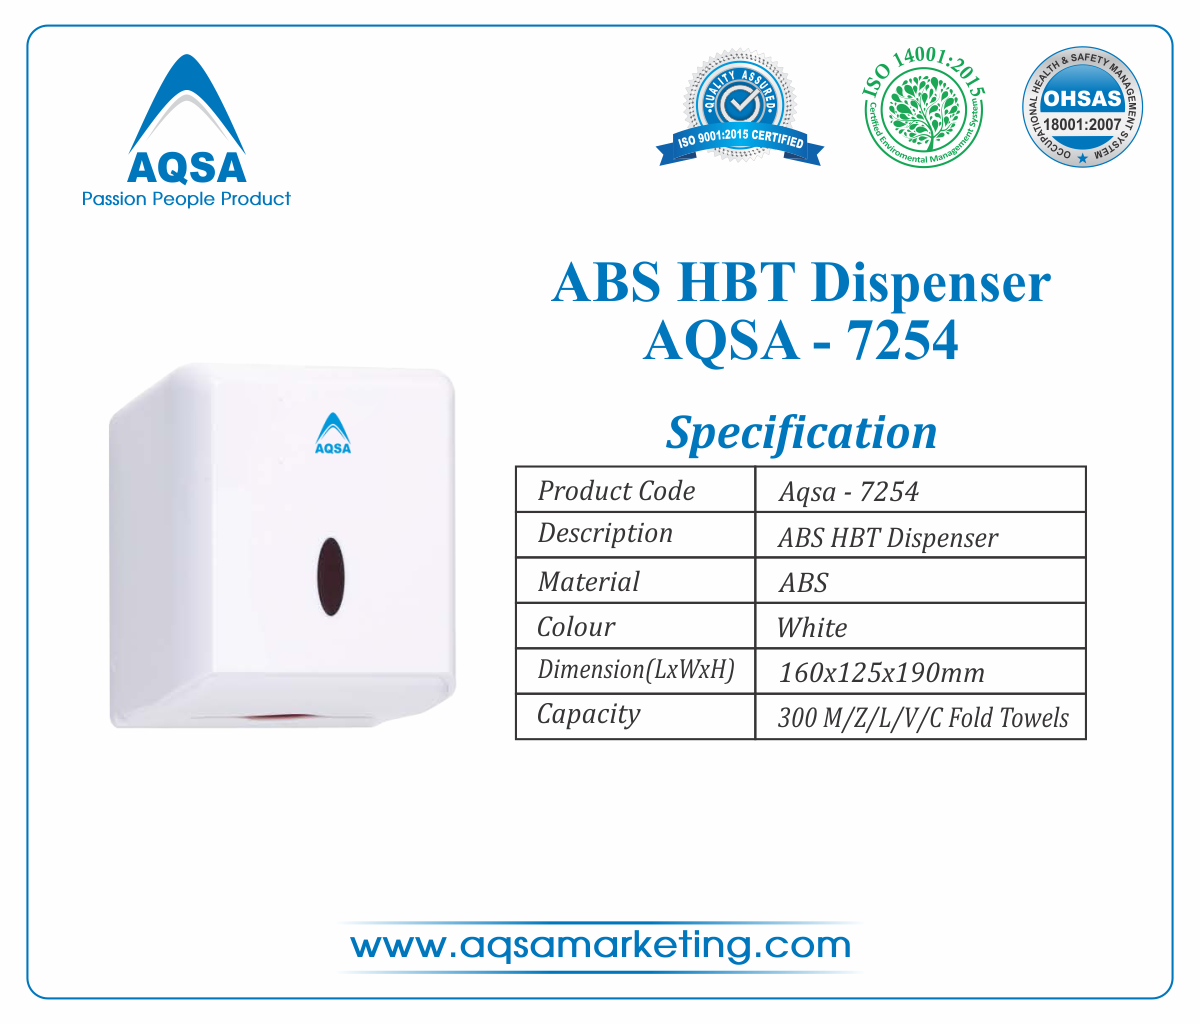 ABS HBT Dispensers AQSA-7254 image